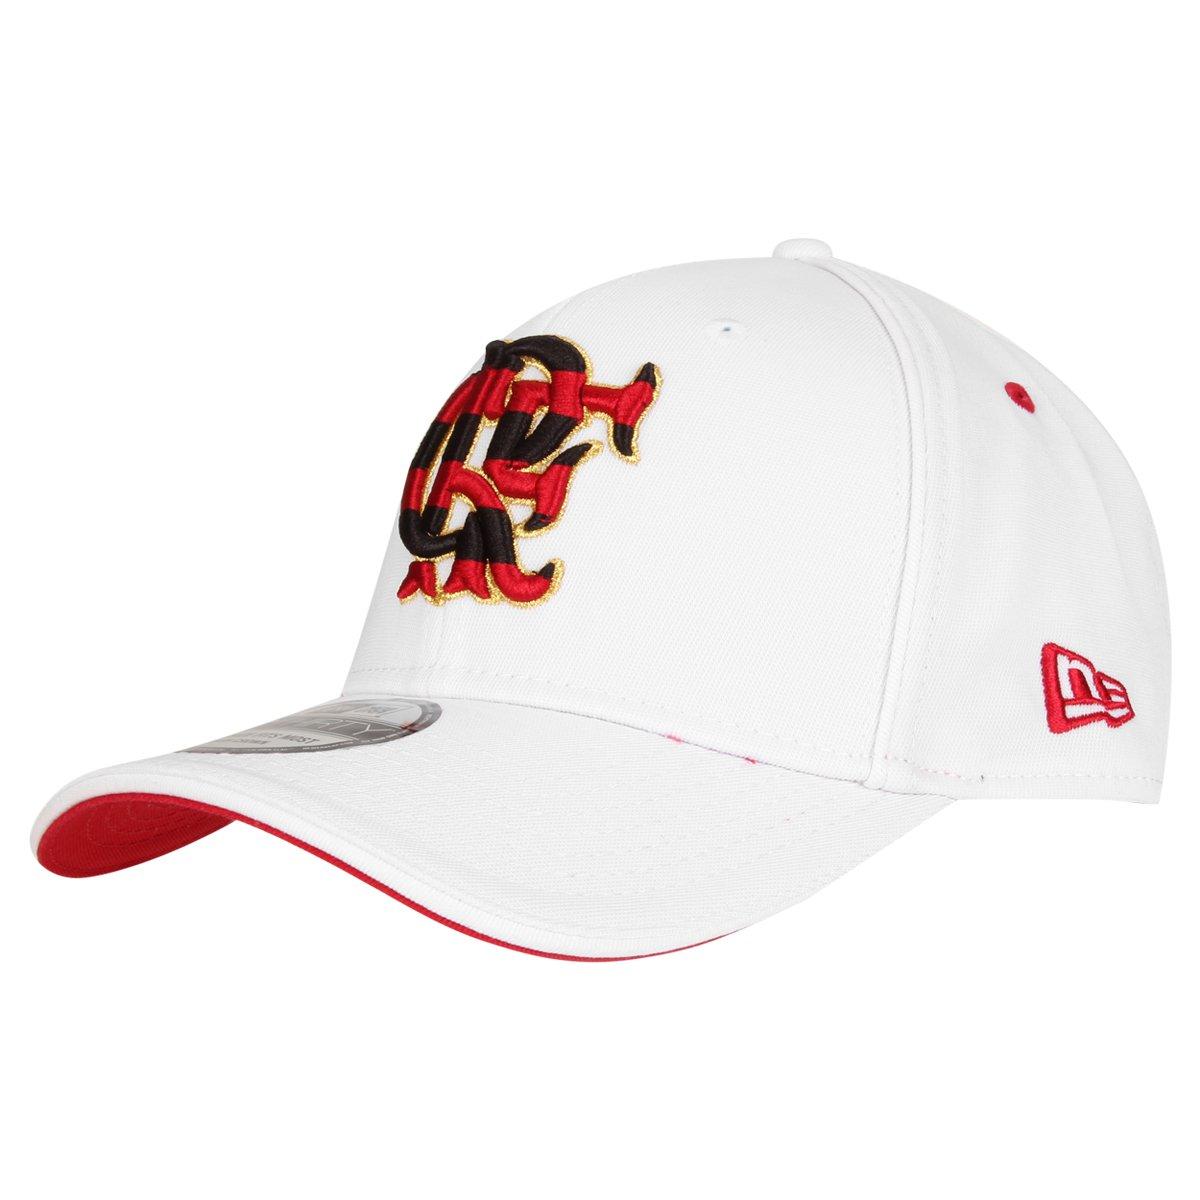 Boné New Era Flamengo 3930 - Compre Agora  37045b1d8e5ae